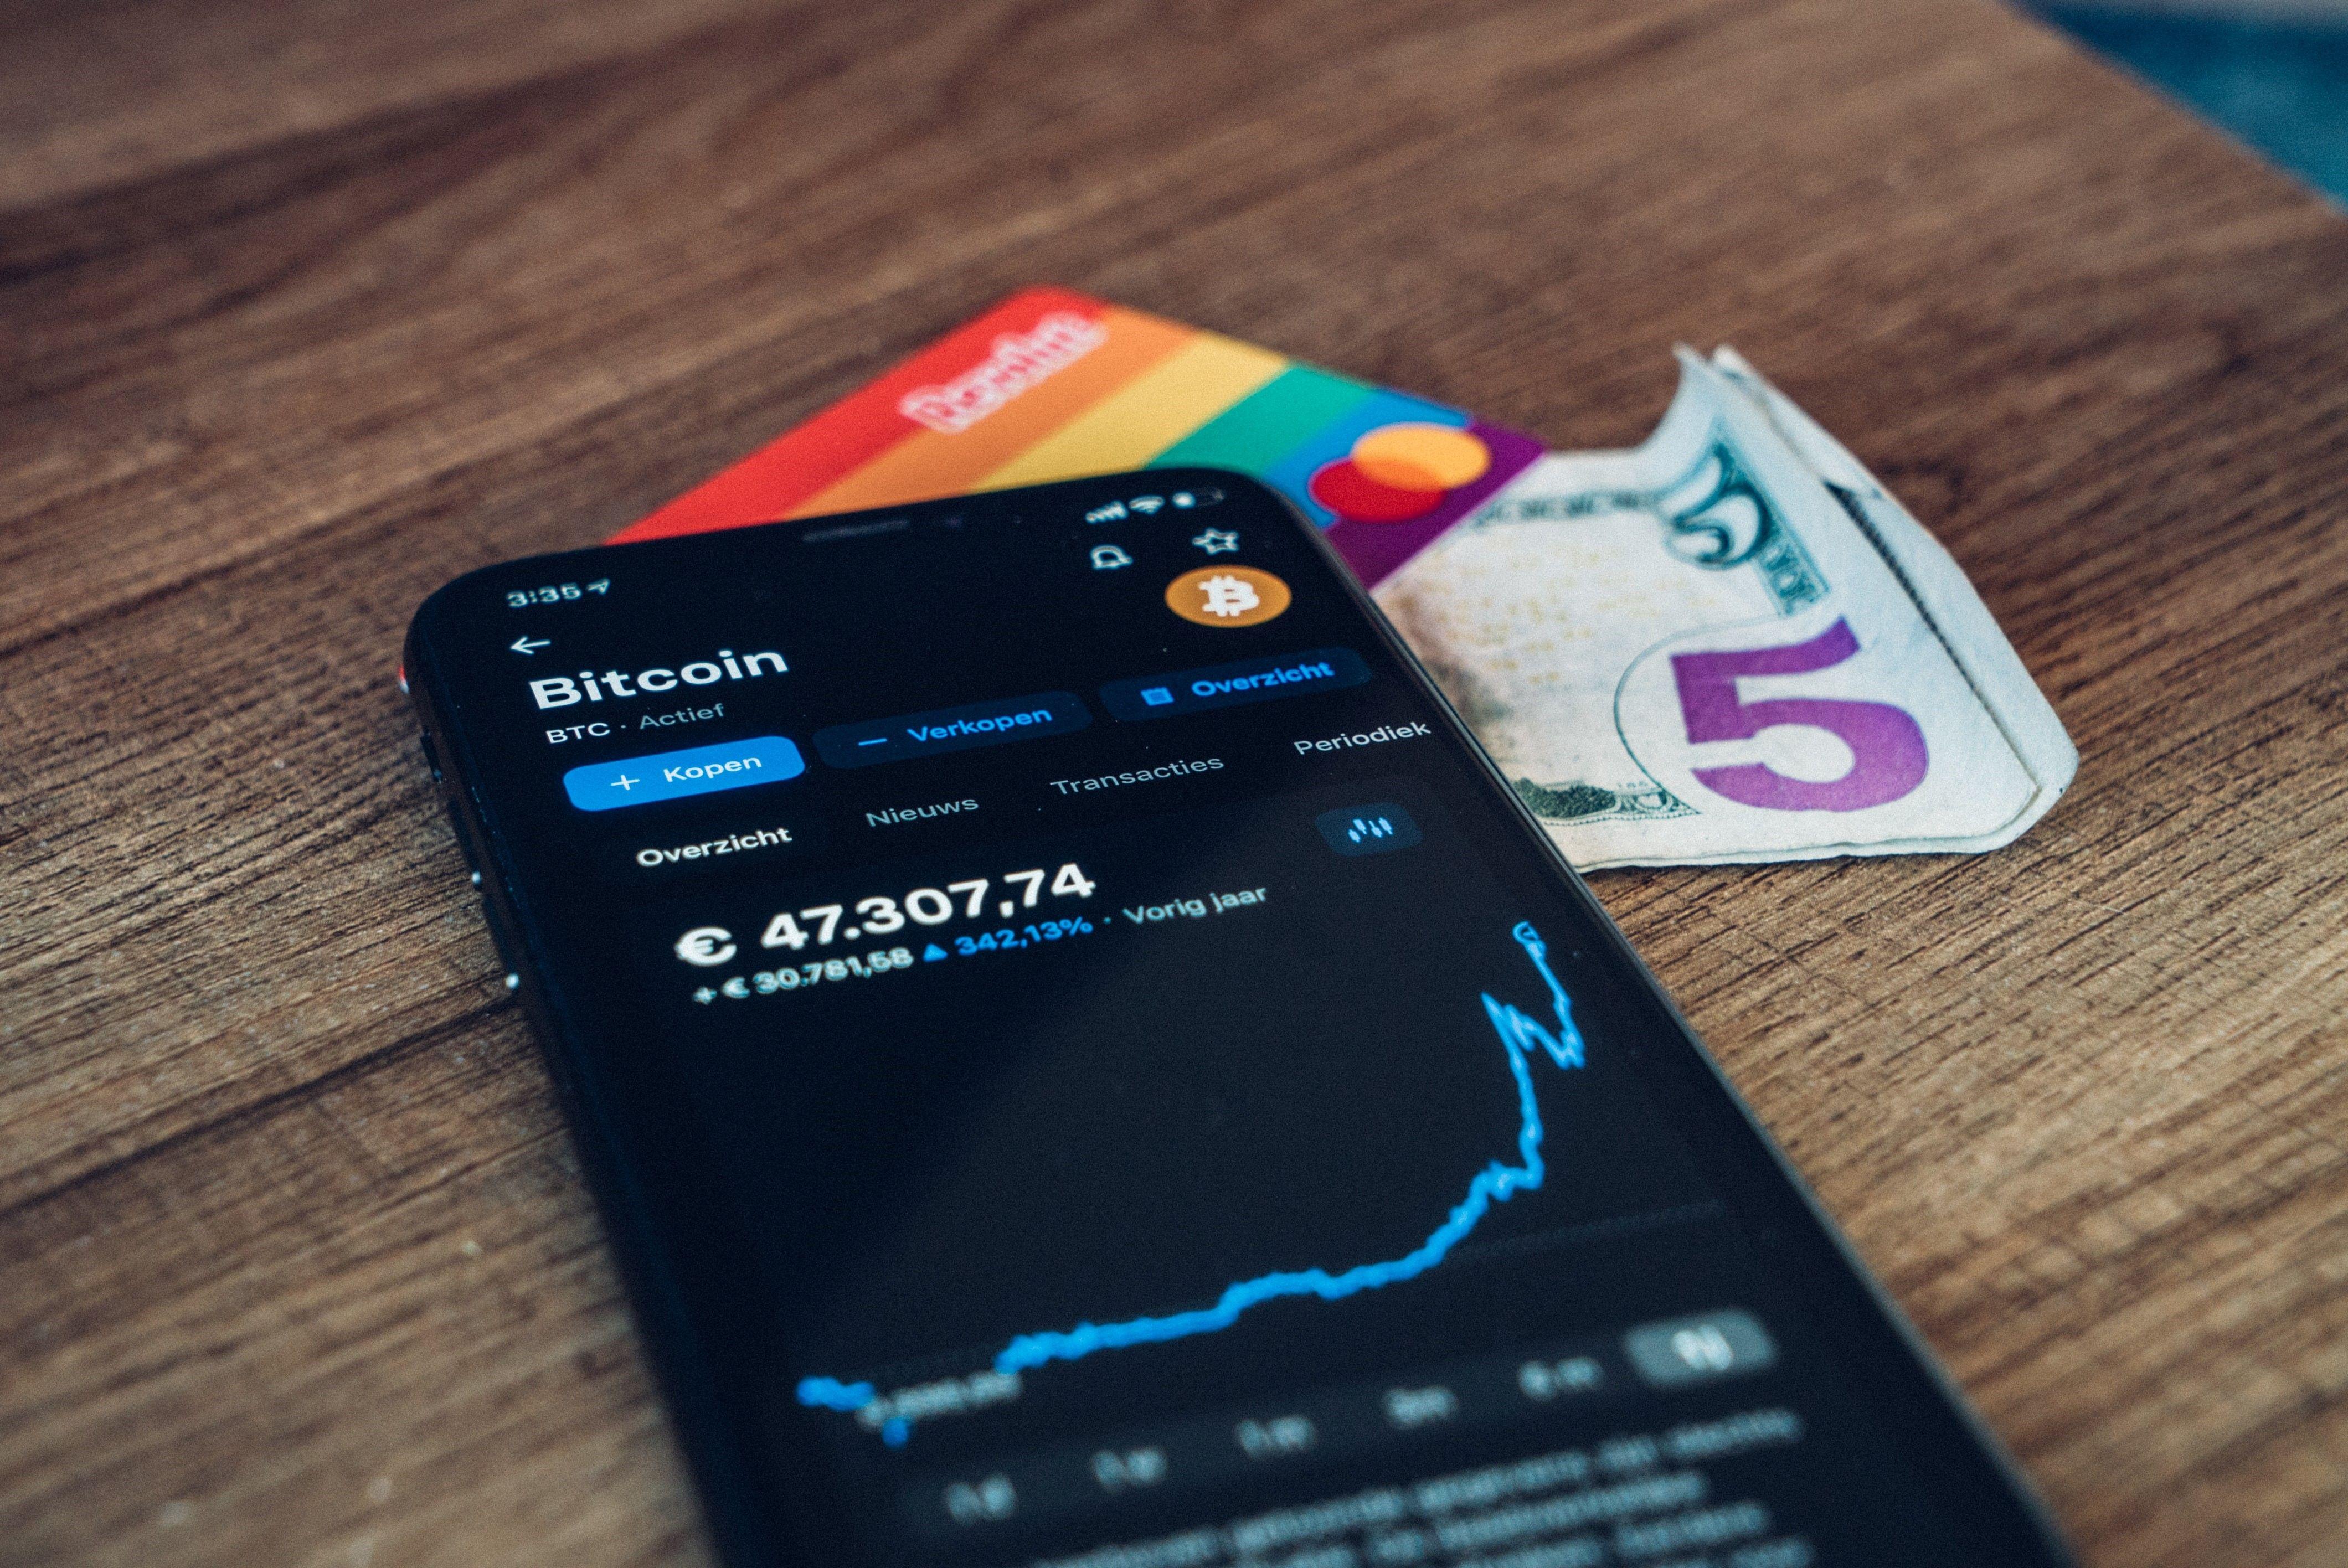 لوریج در بازارهای مالی